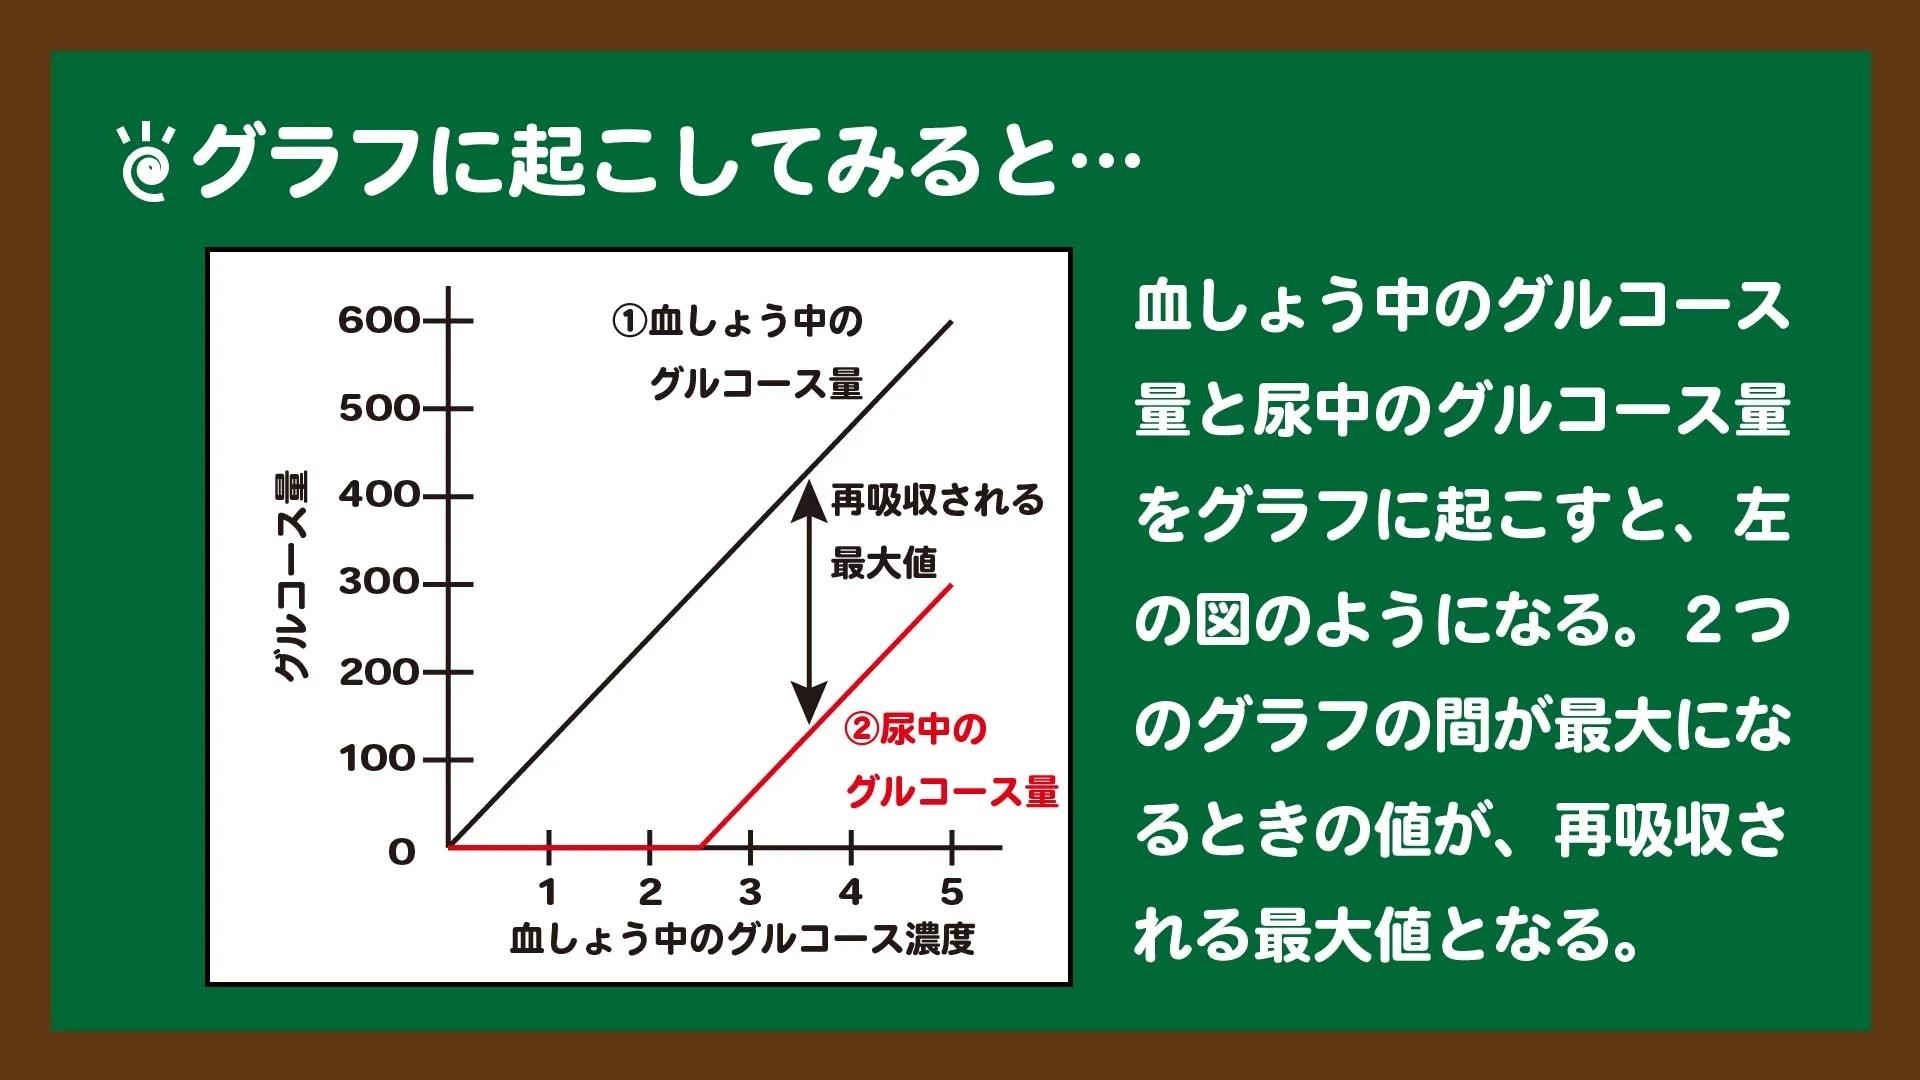 スライド9:再吸収されるグルコース量はグラフではこうなる